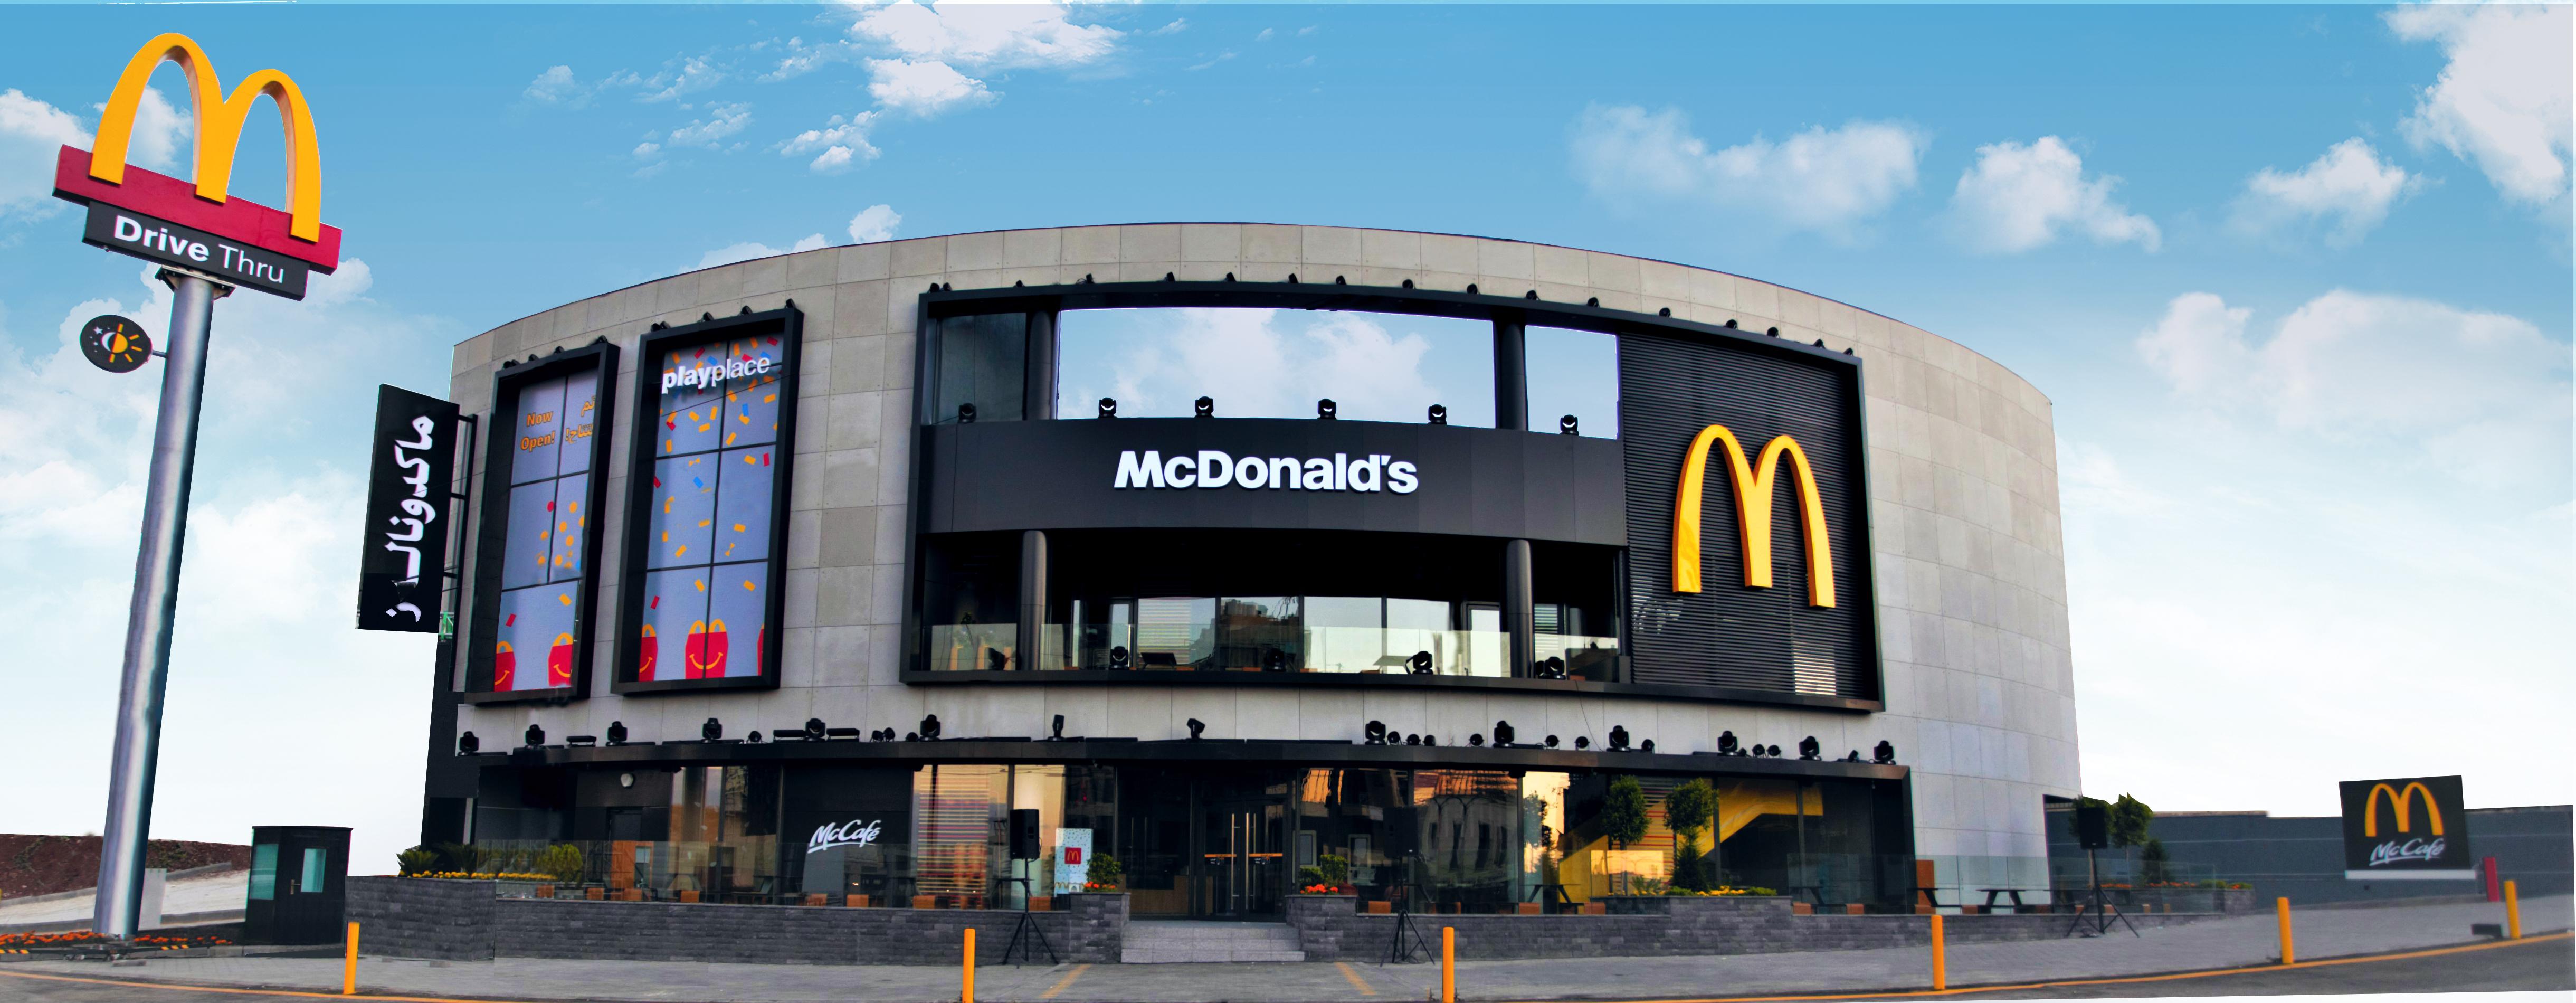 ماكدونالدز الأردن تفتح فرعاً جديداً في العاصمة عمان